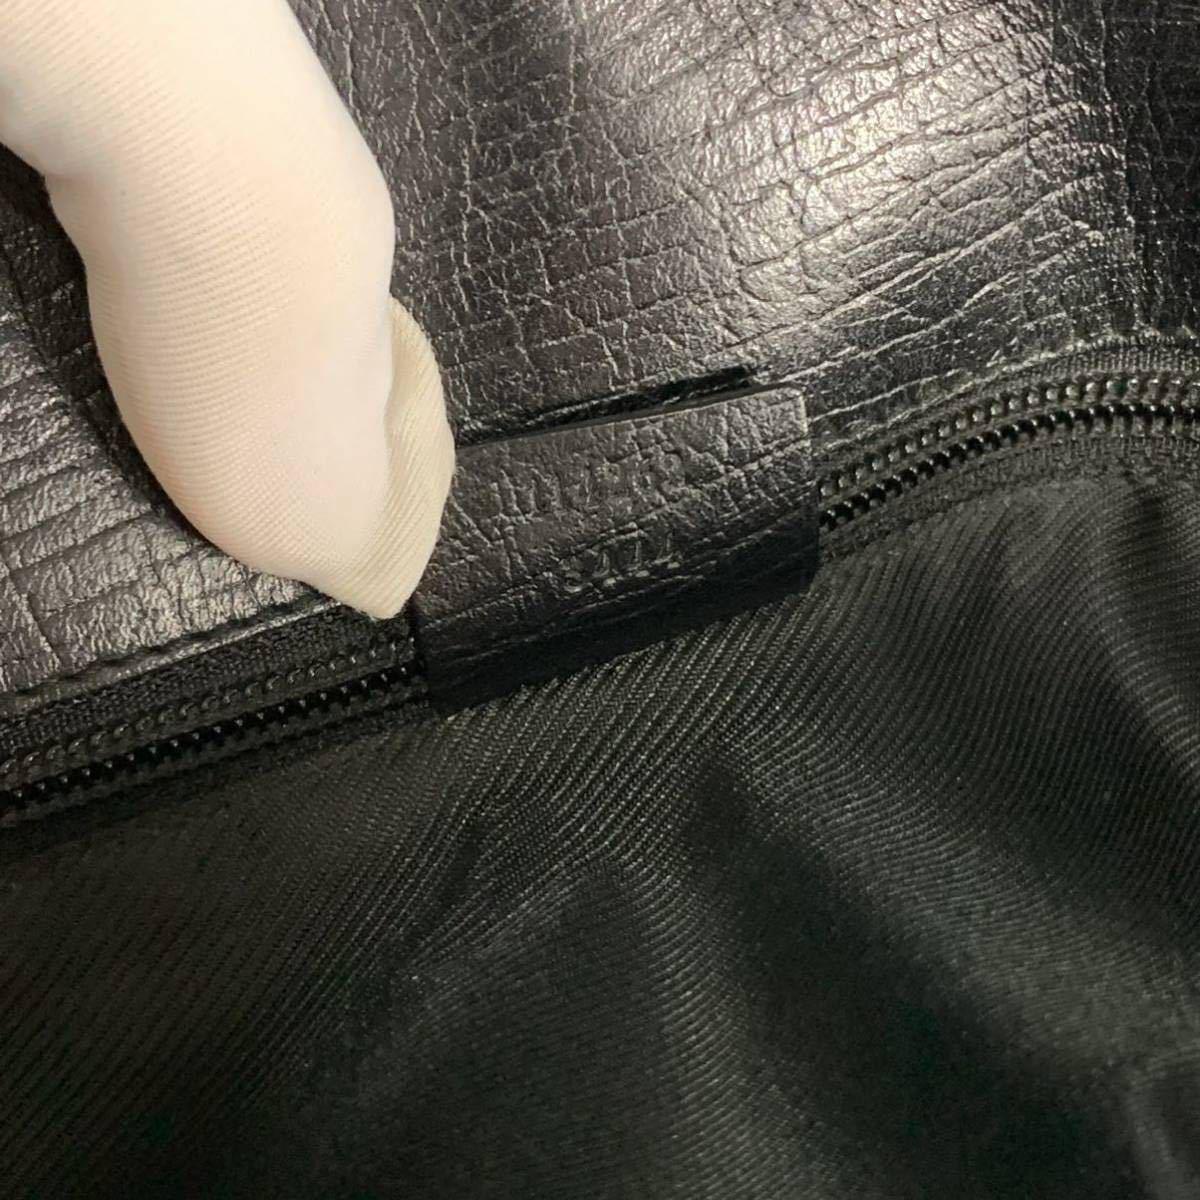 本物 超美品 グッチ 最高級グレインカーフレザー SVロック金具 メンズビジネスバッグ ブラック A4書類ブリーフケース トートバッグ GUCCI_画像10